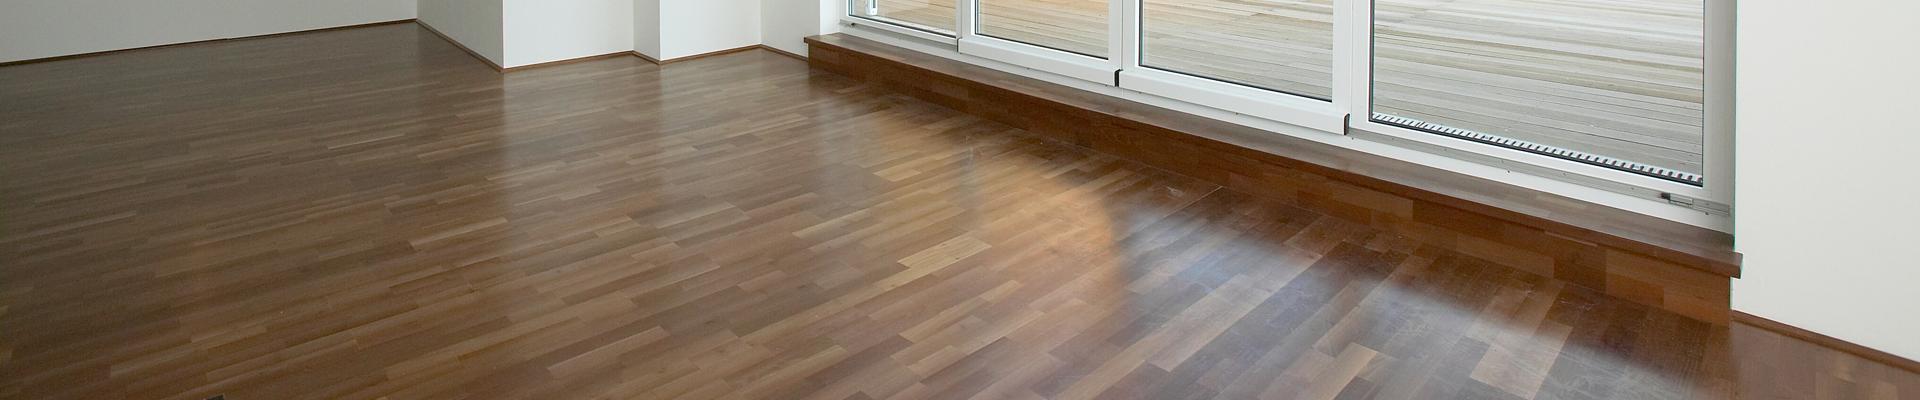 entretenir un parquet huil parquet vitrifi with. Black Bedroom Furniture Sets. Home Design Ideas